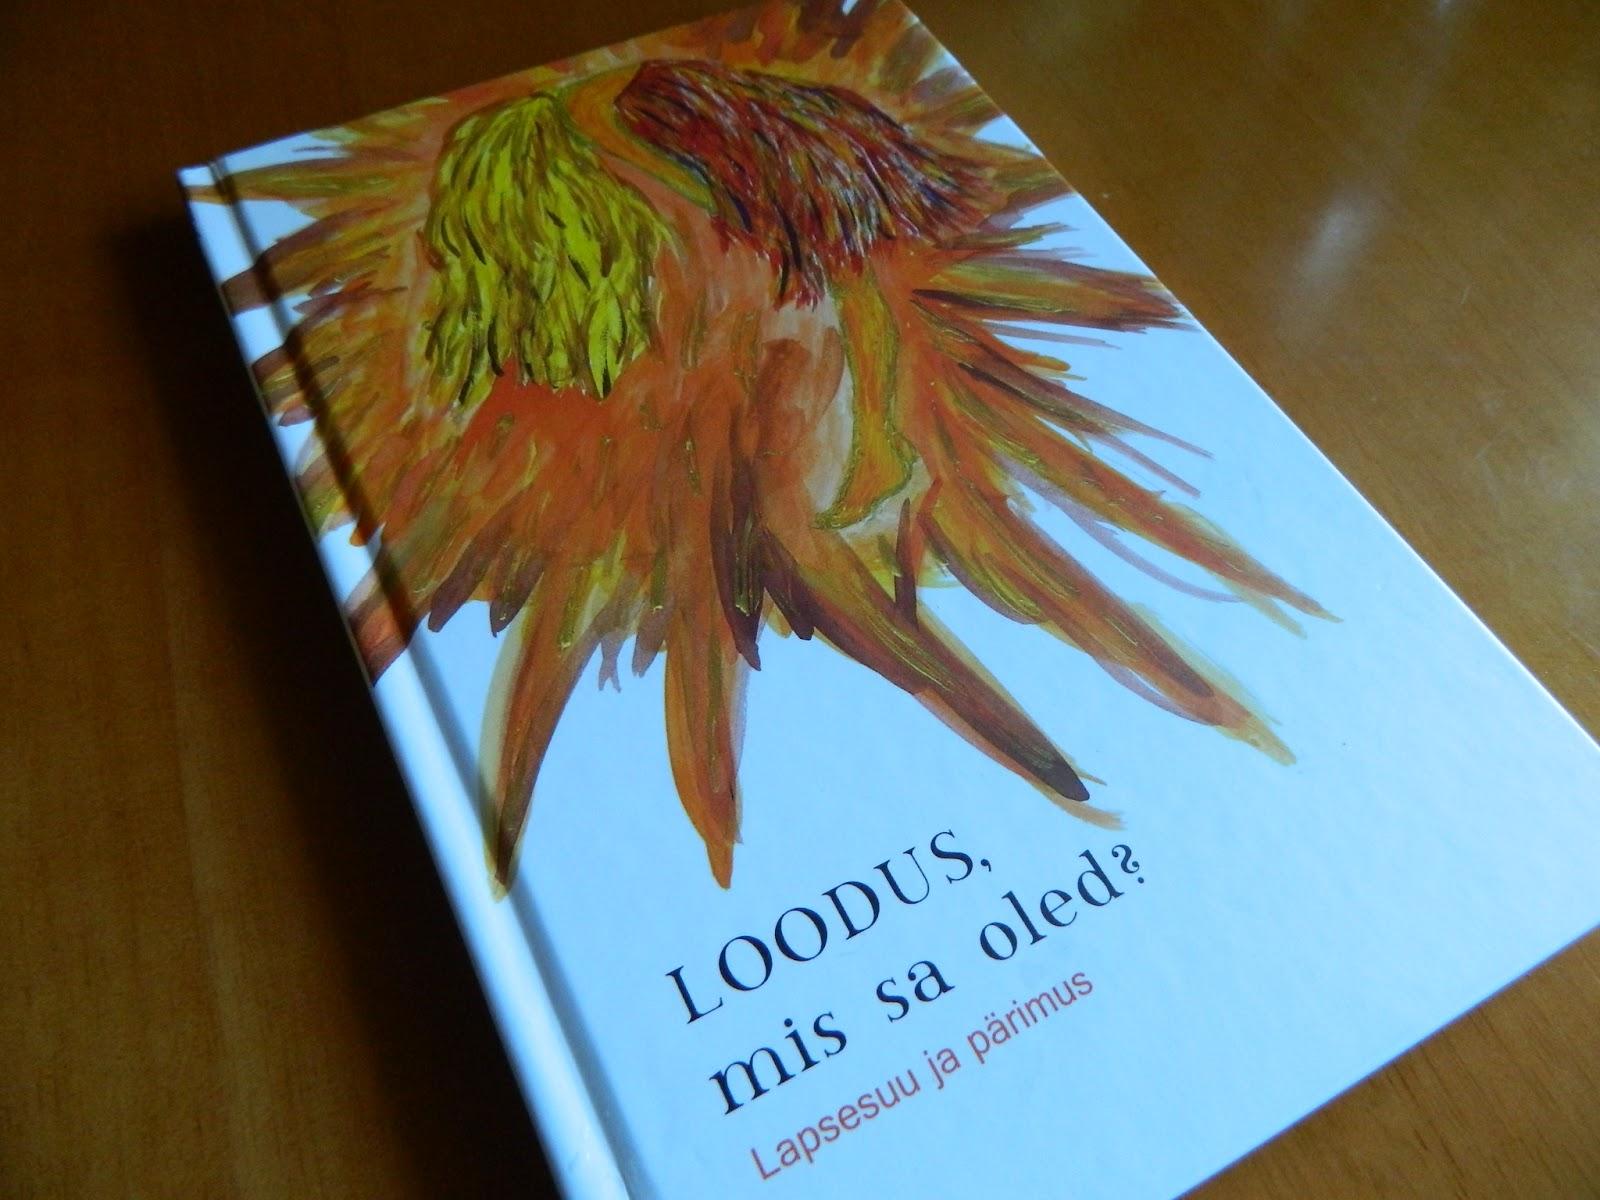 Raamatu, Loodus, mis sa oled? esikaas